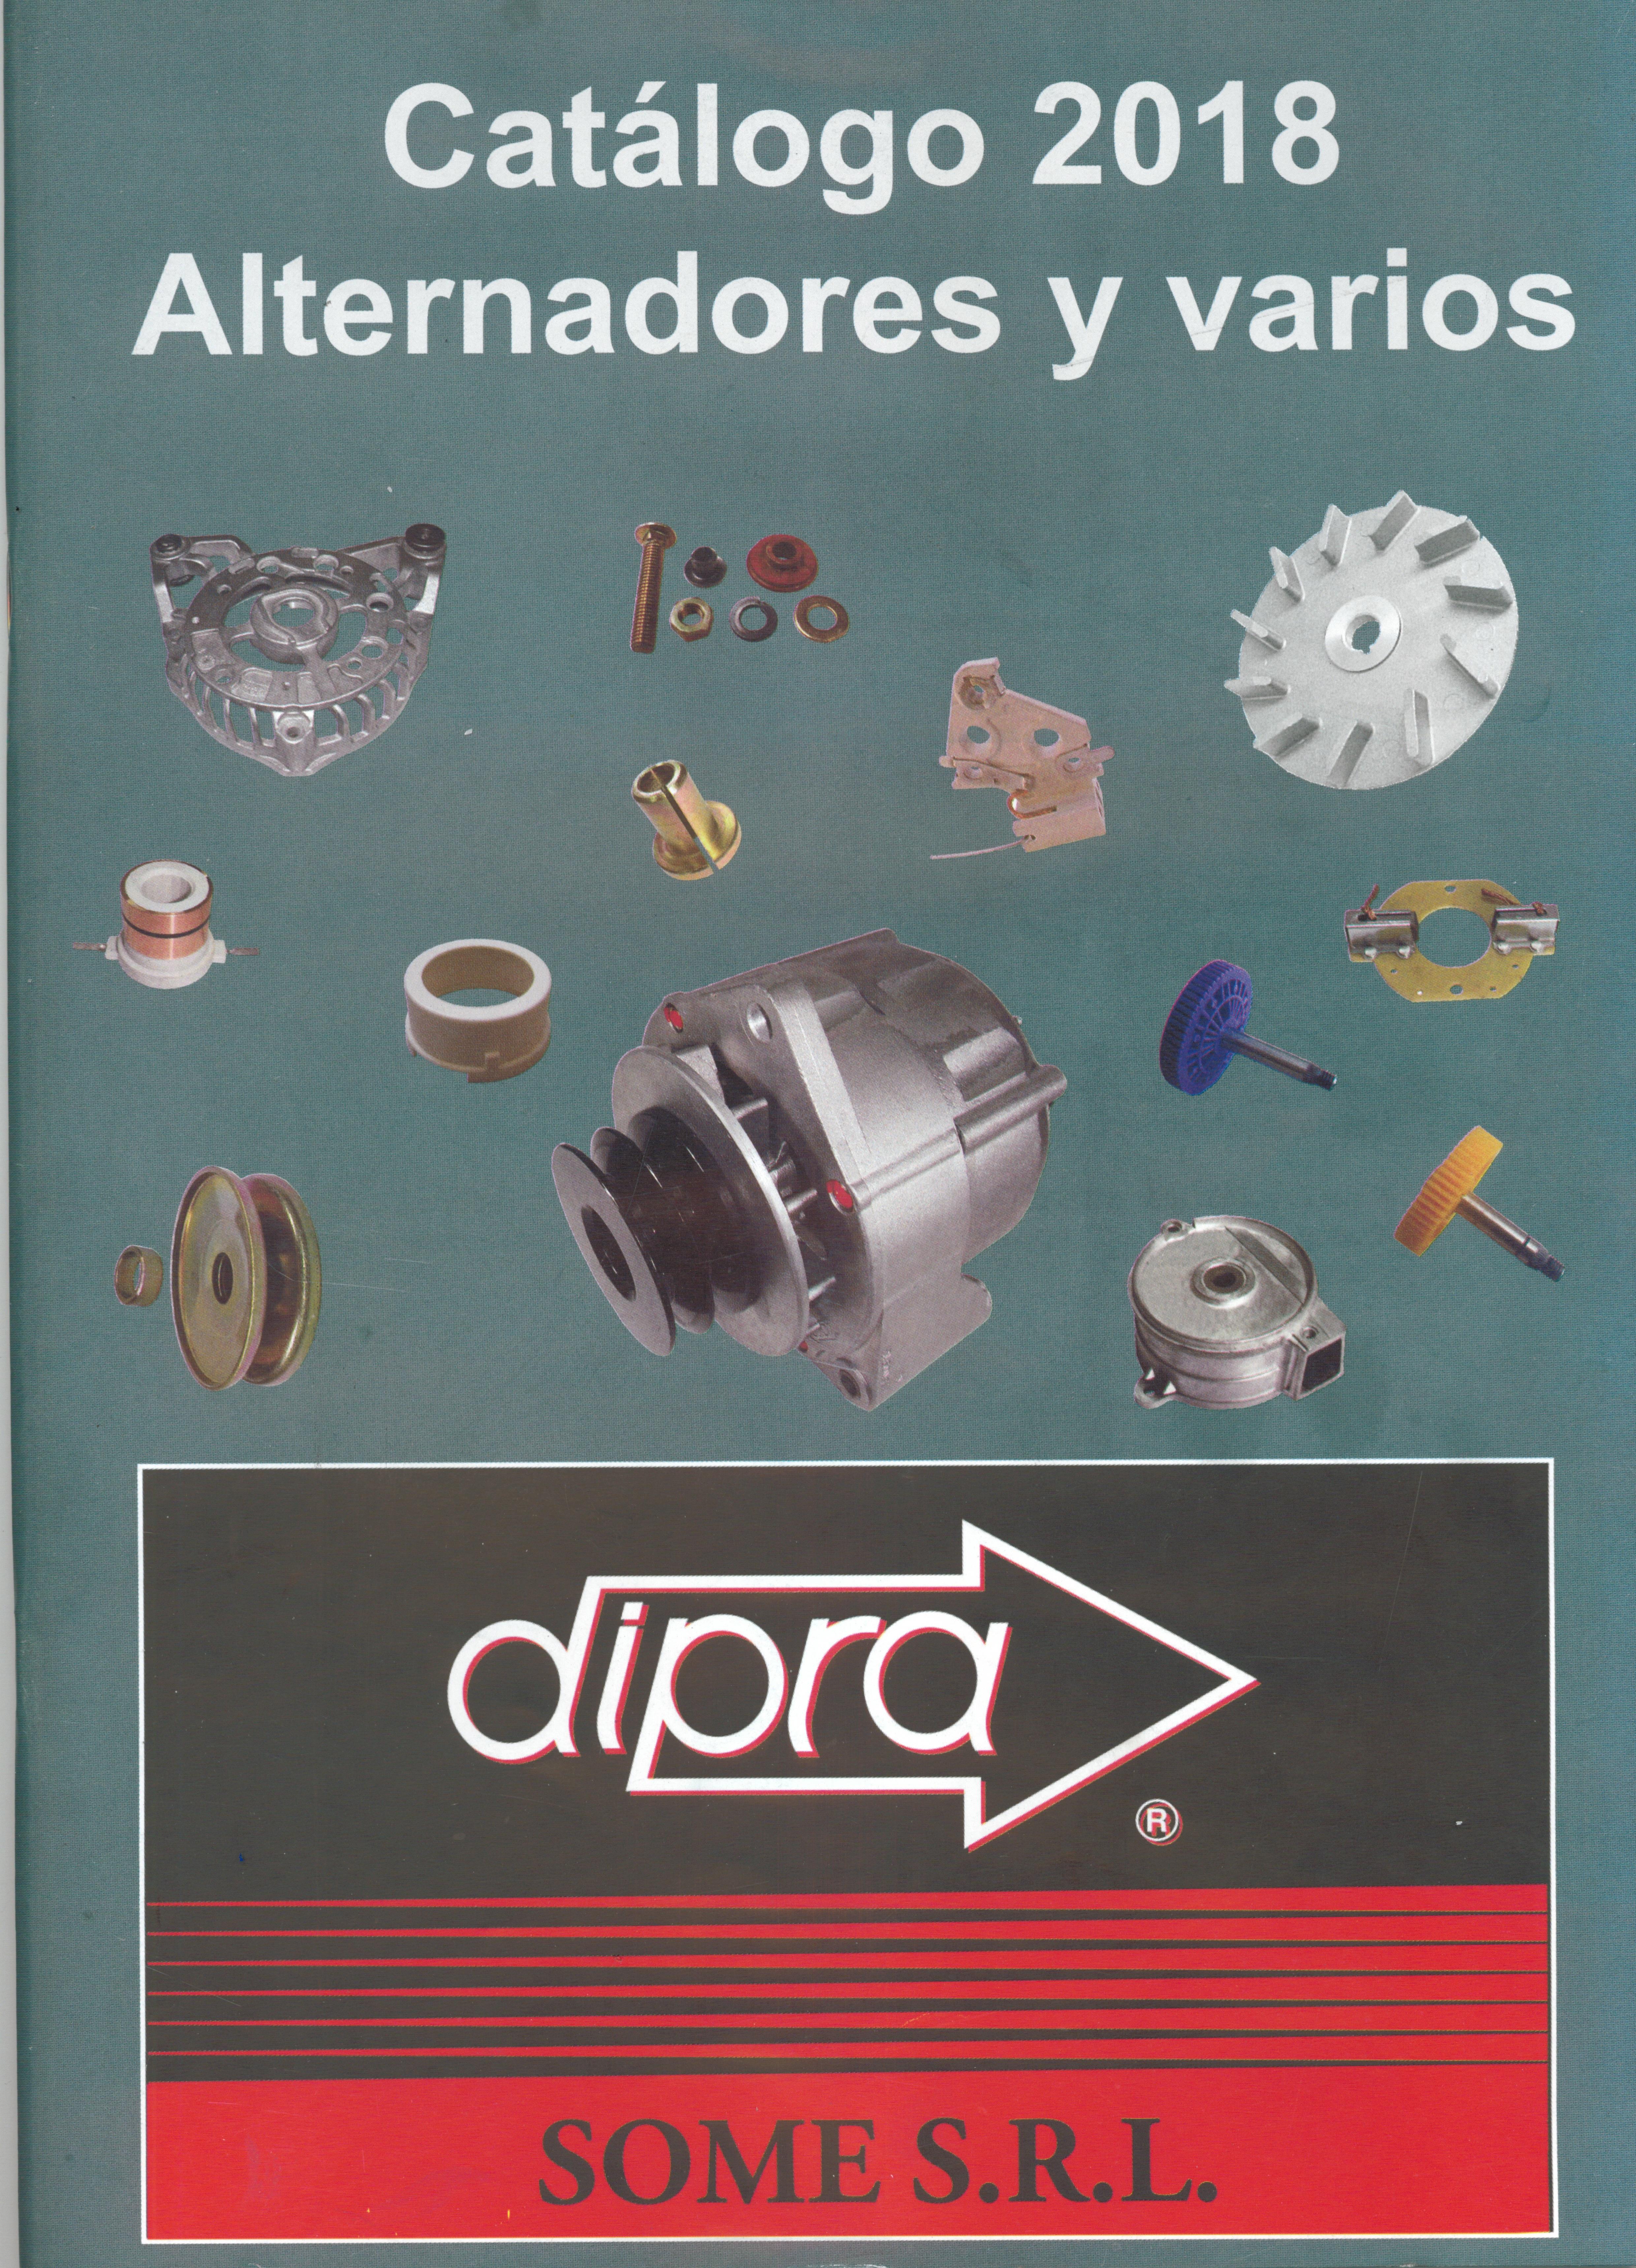 CATALOGO ALTERNADORES Y VARIOS